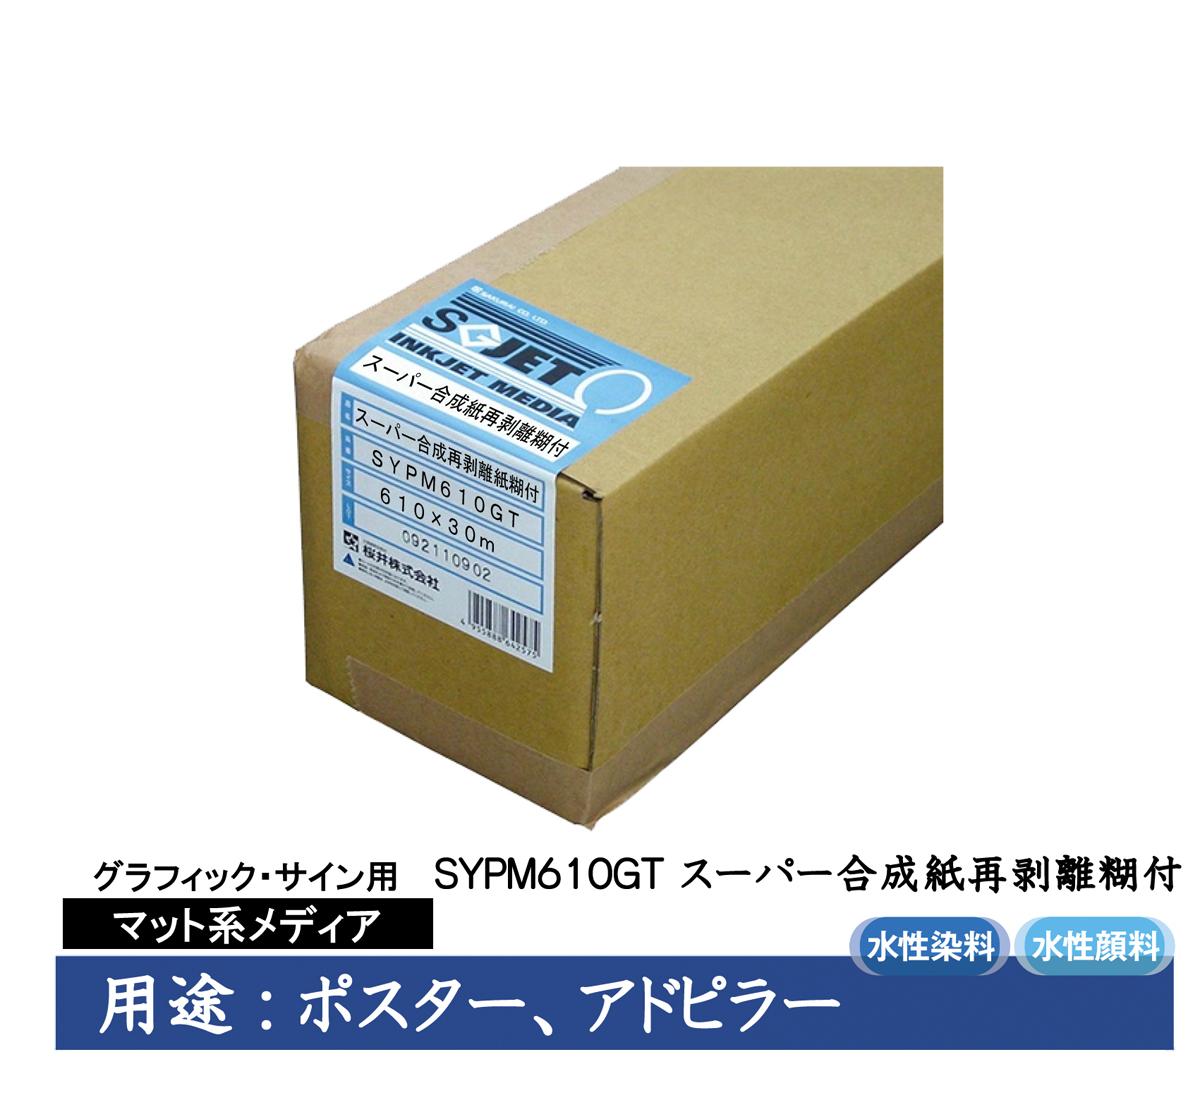 桜井 グラフィック・サイン用インクジェット用紙 スーパー合成紙再剥離糊付 610mm×30m 2インチ 1本入 SYPM610GT